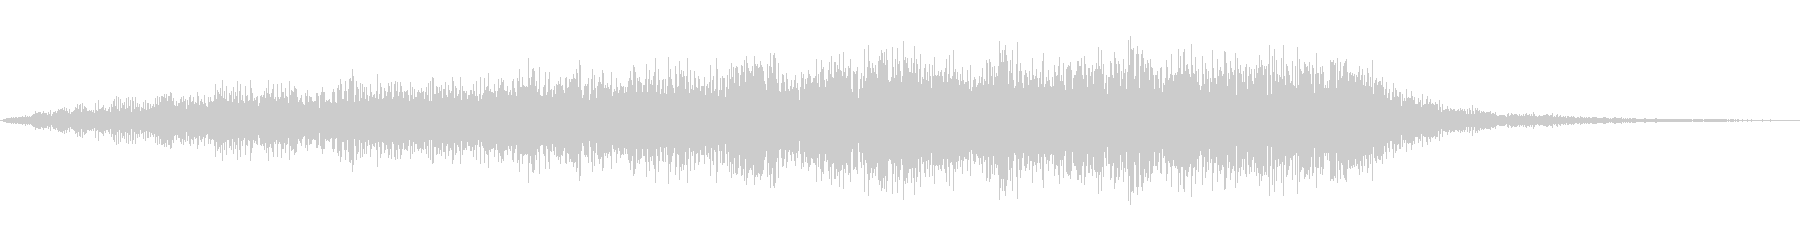 ジングル101kの未再生の波形